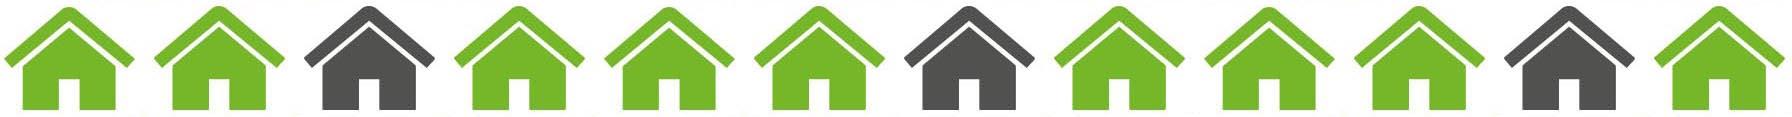 Ja, de EED energie-audit is ook verplicht voor woningcorporaties